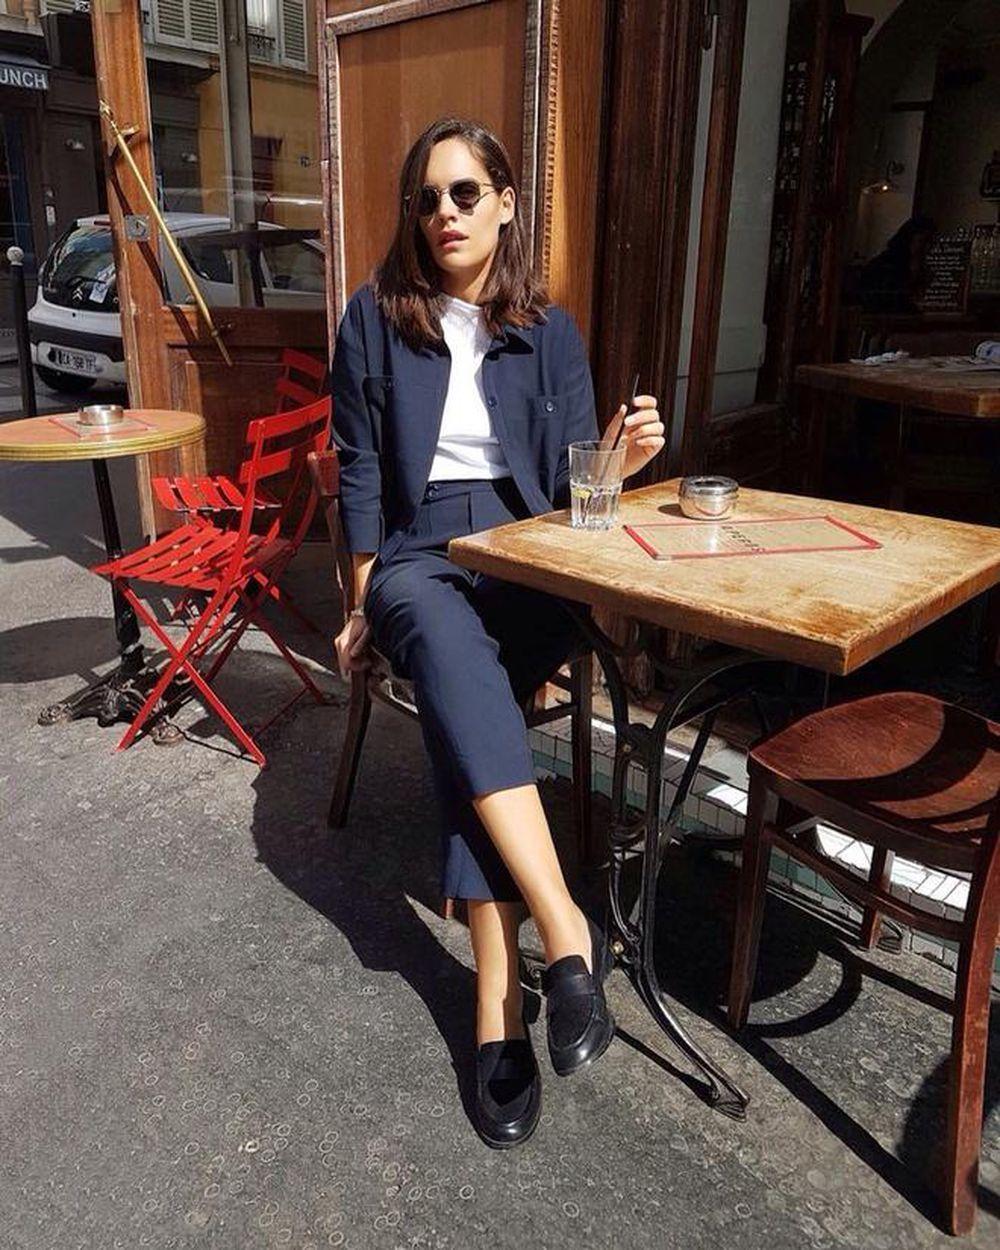 8 nguyên tắc có diện mạo sành điệu như các cô gái Pháp - Zing - Tri thức  trực tuyến